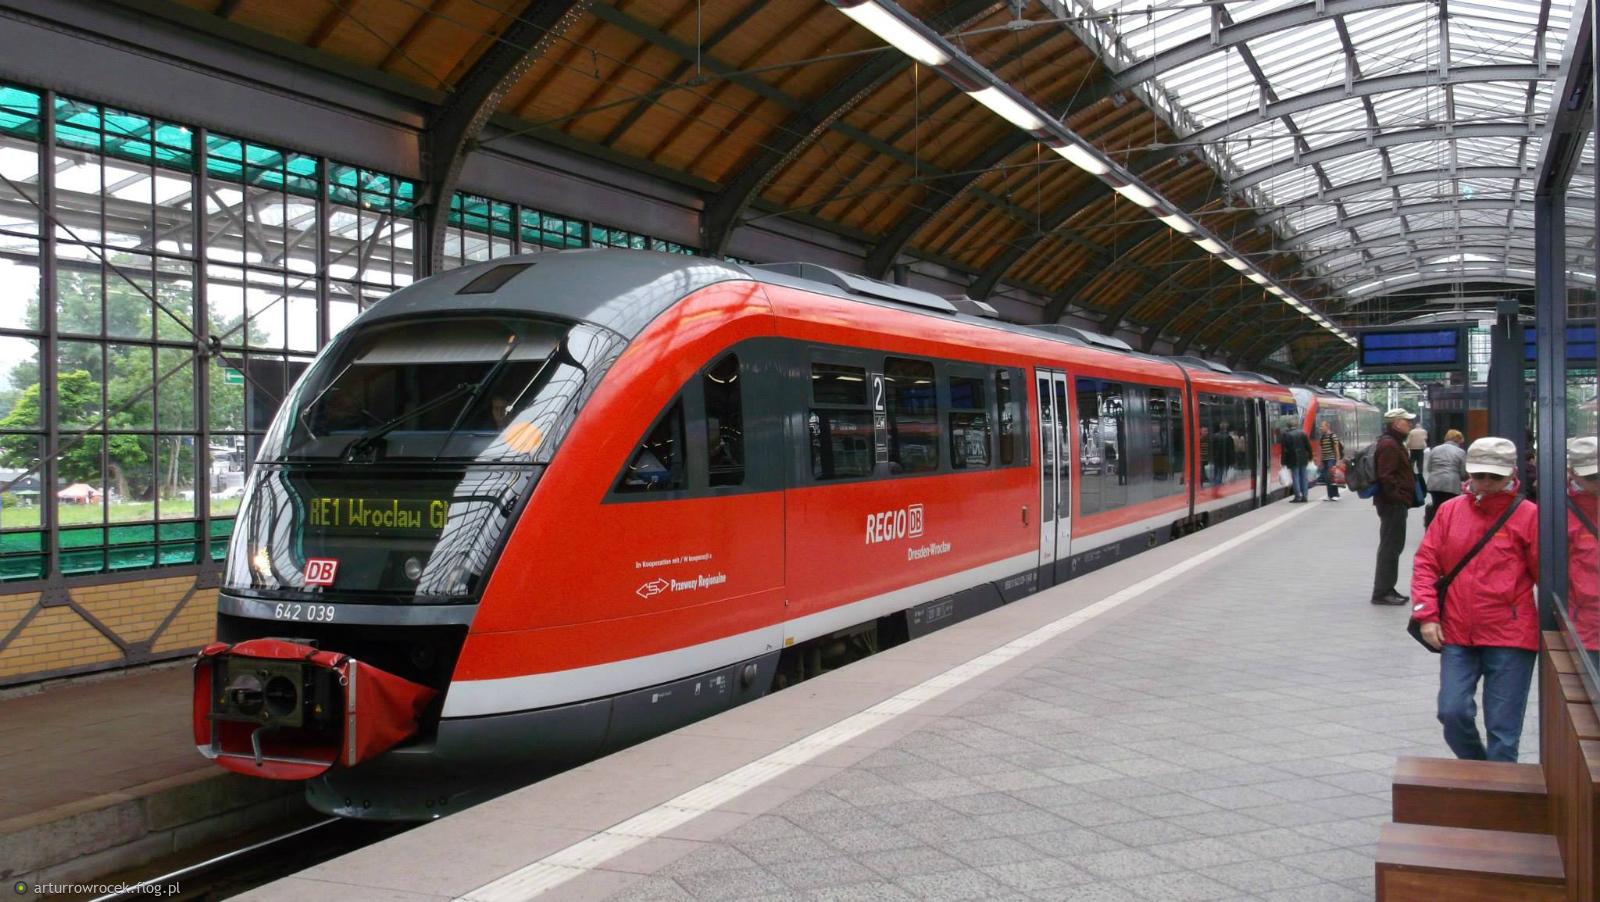 Tag db pr szynobus drezno wroclaw stacja peron tor for Berlin to dresden train